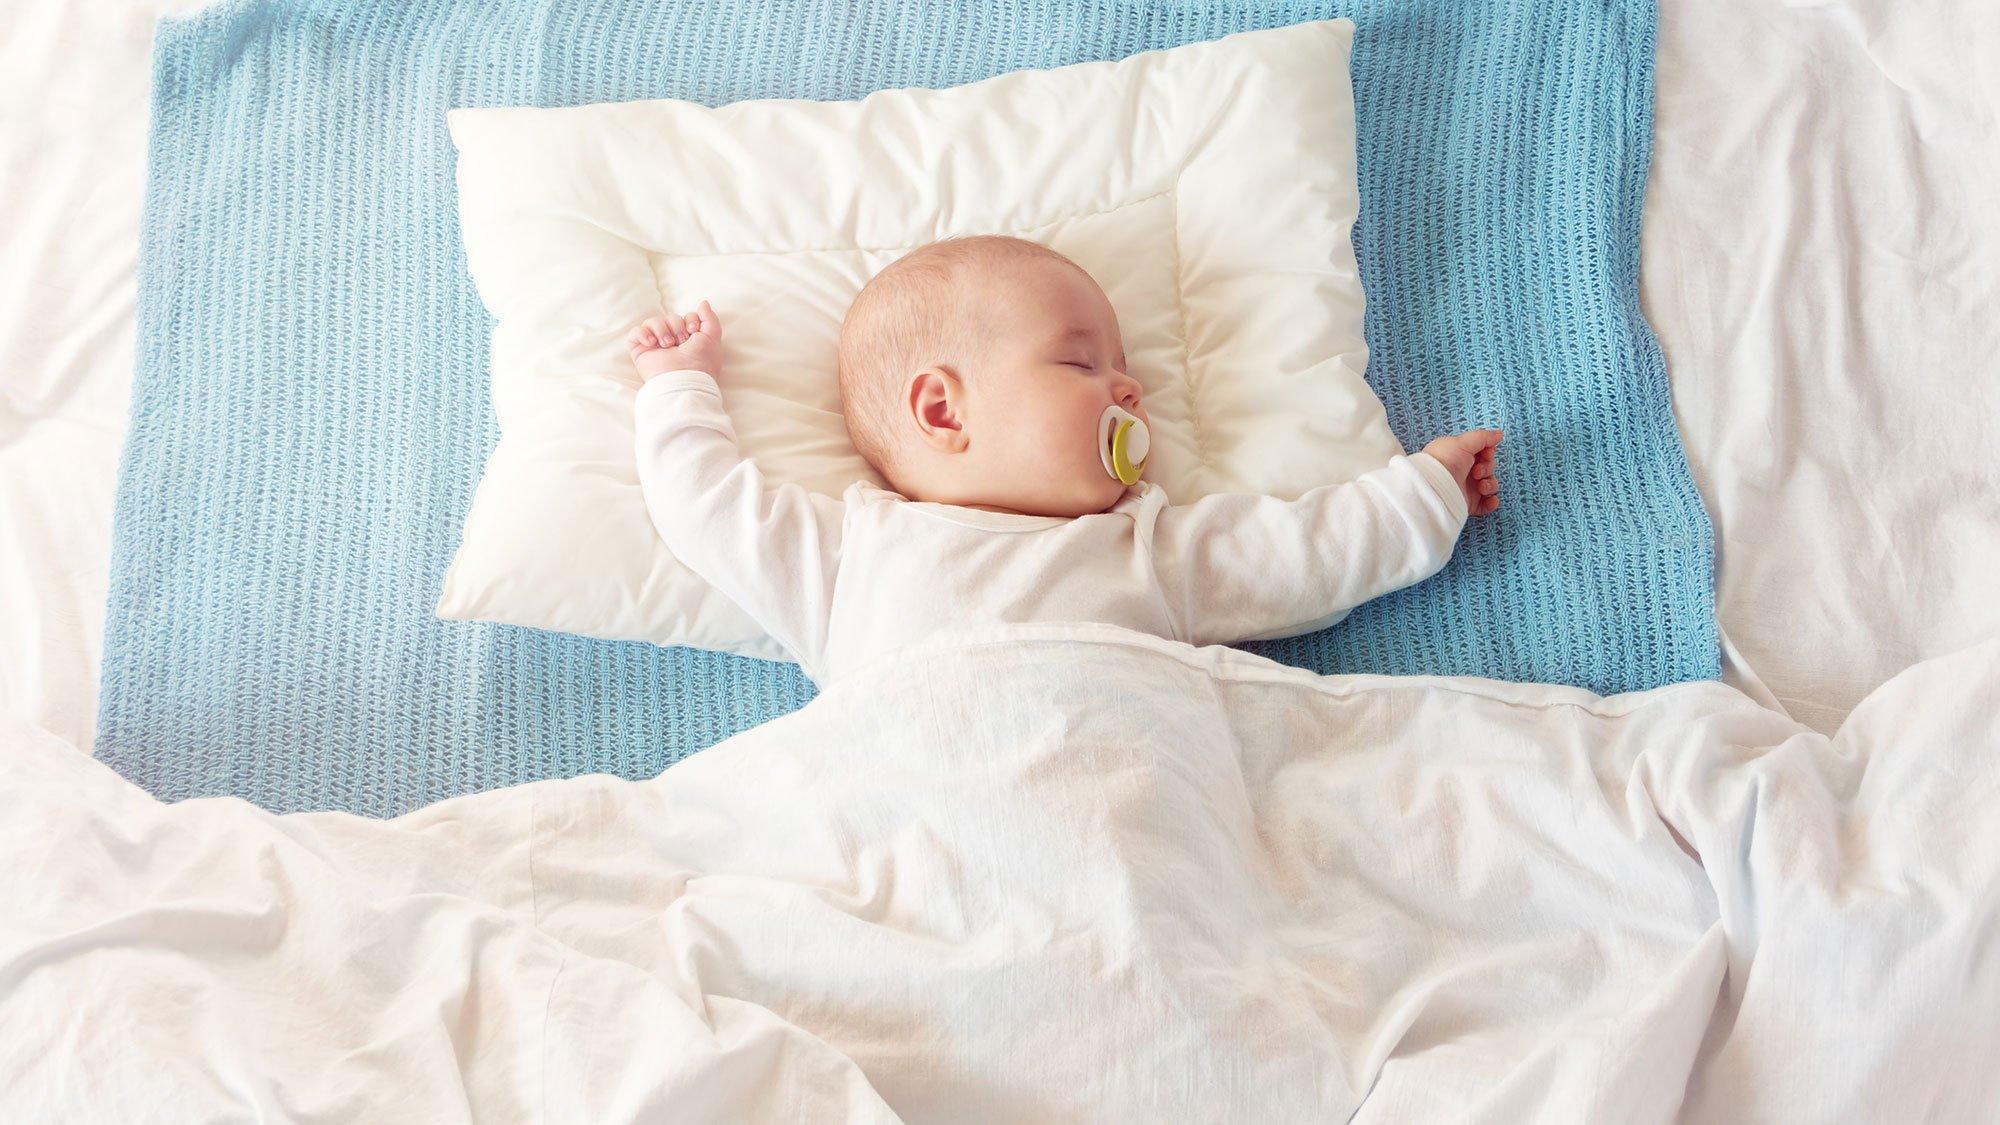 Увеличивающийся гиппокамп младенцев помог связать аутизм и проблемы со сном